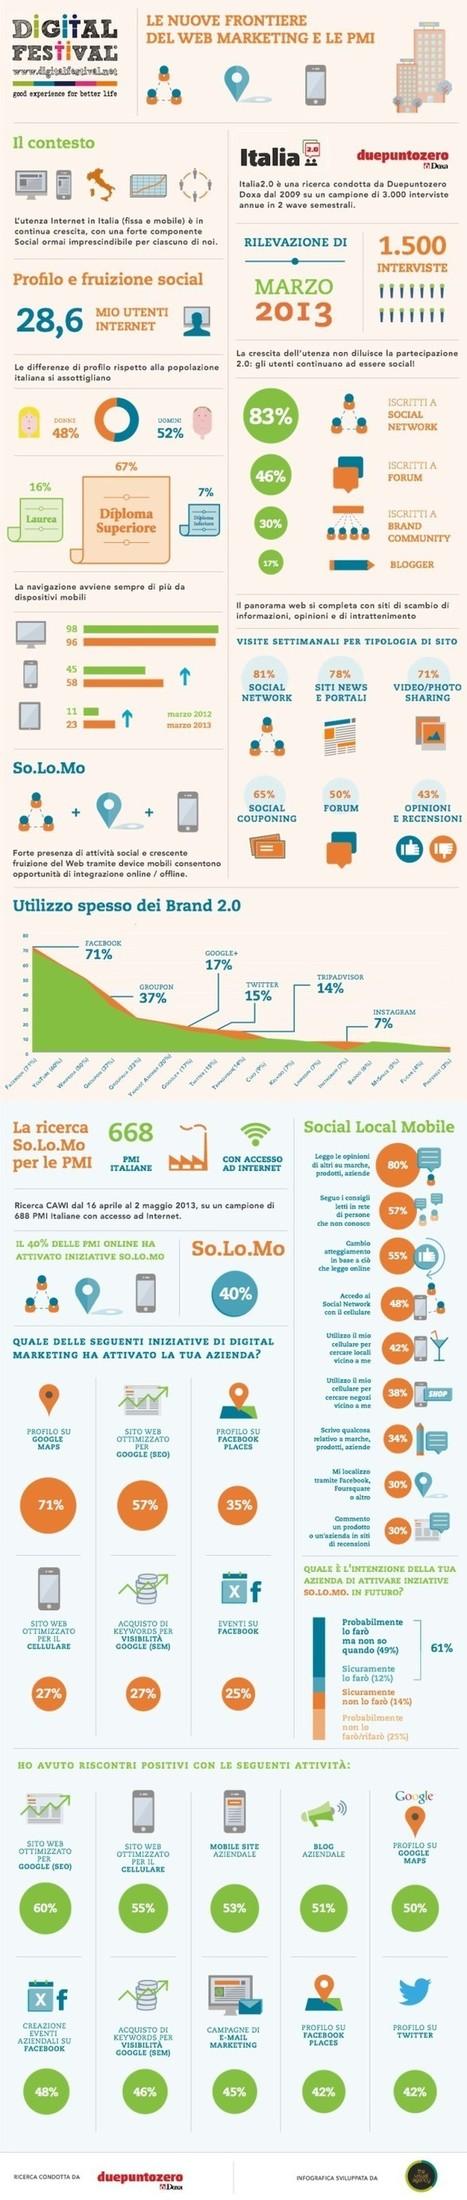 Un focus sulle PMI e i canali Social, Local e Mobile - Tiragraffi | i social media danno i numeri | Scoop.it